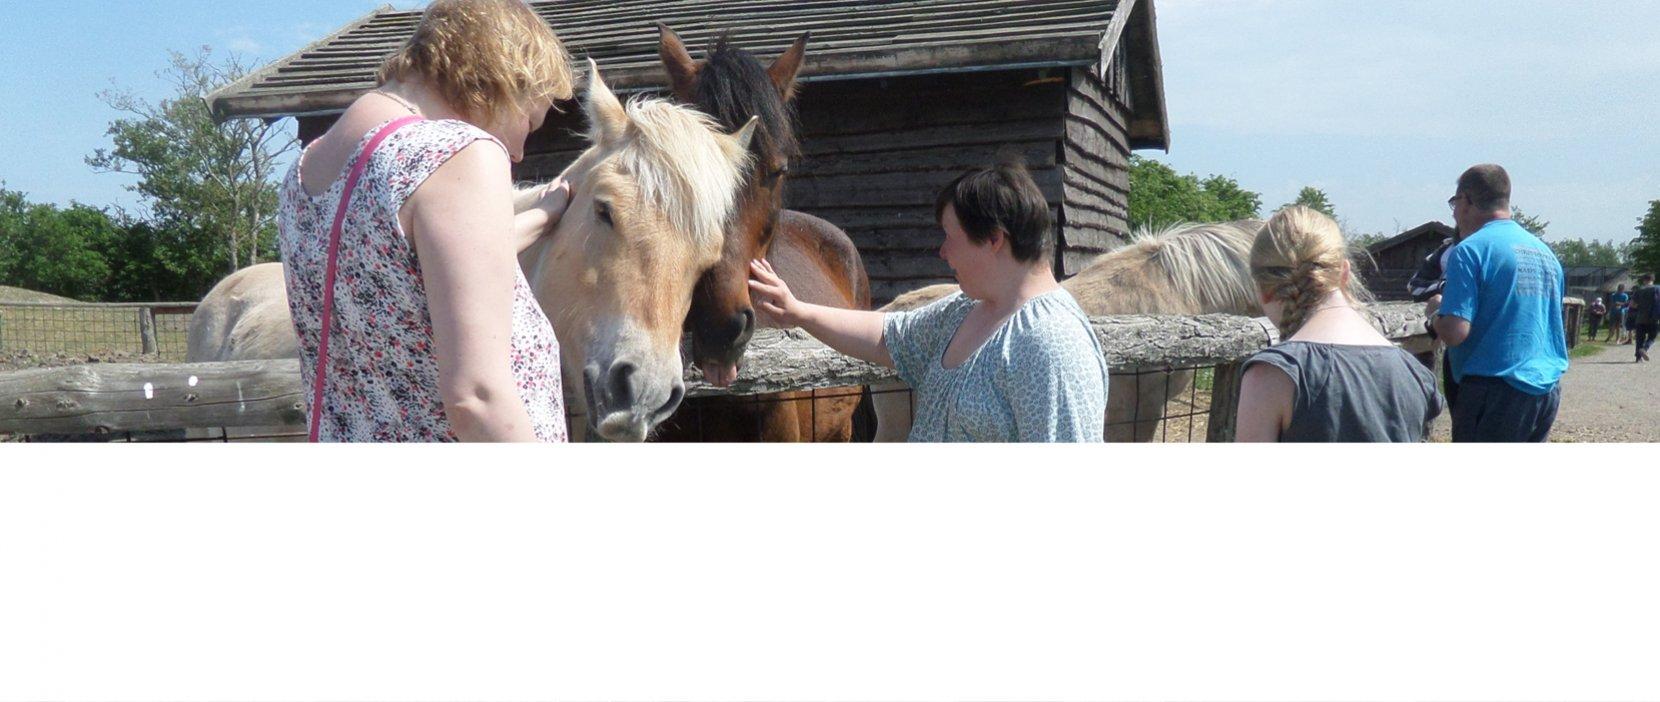 Der blev hilst på heste på en af vores hytteture